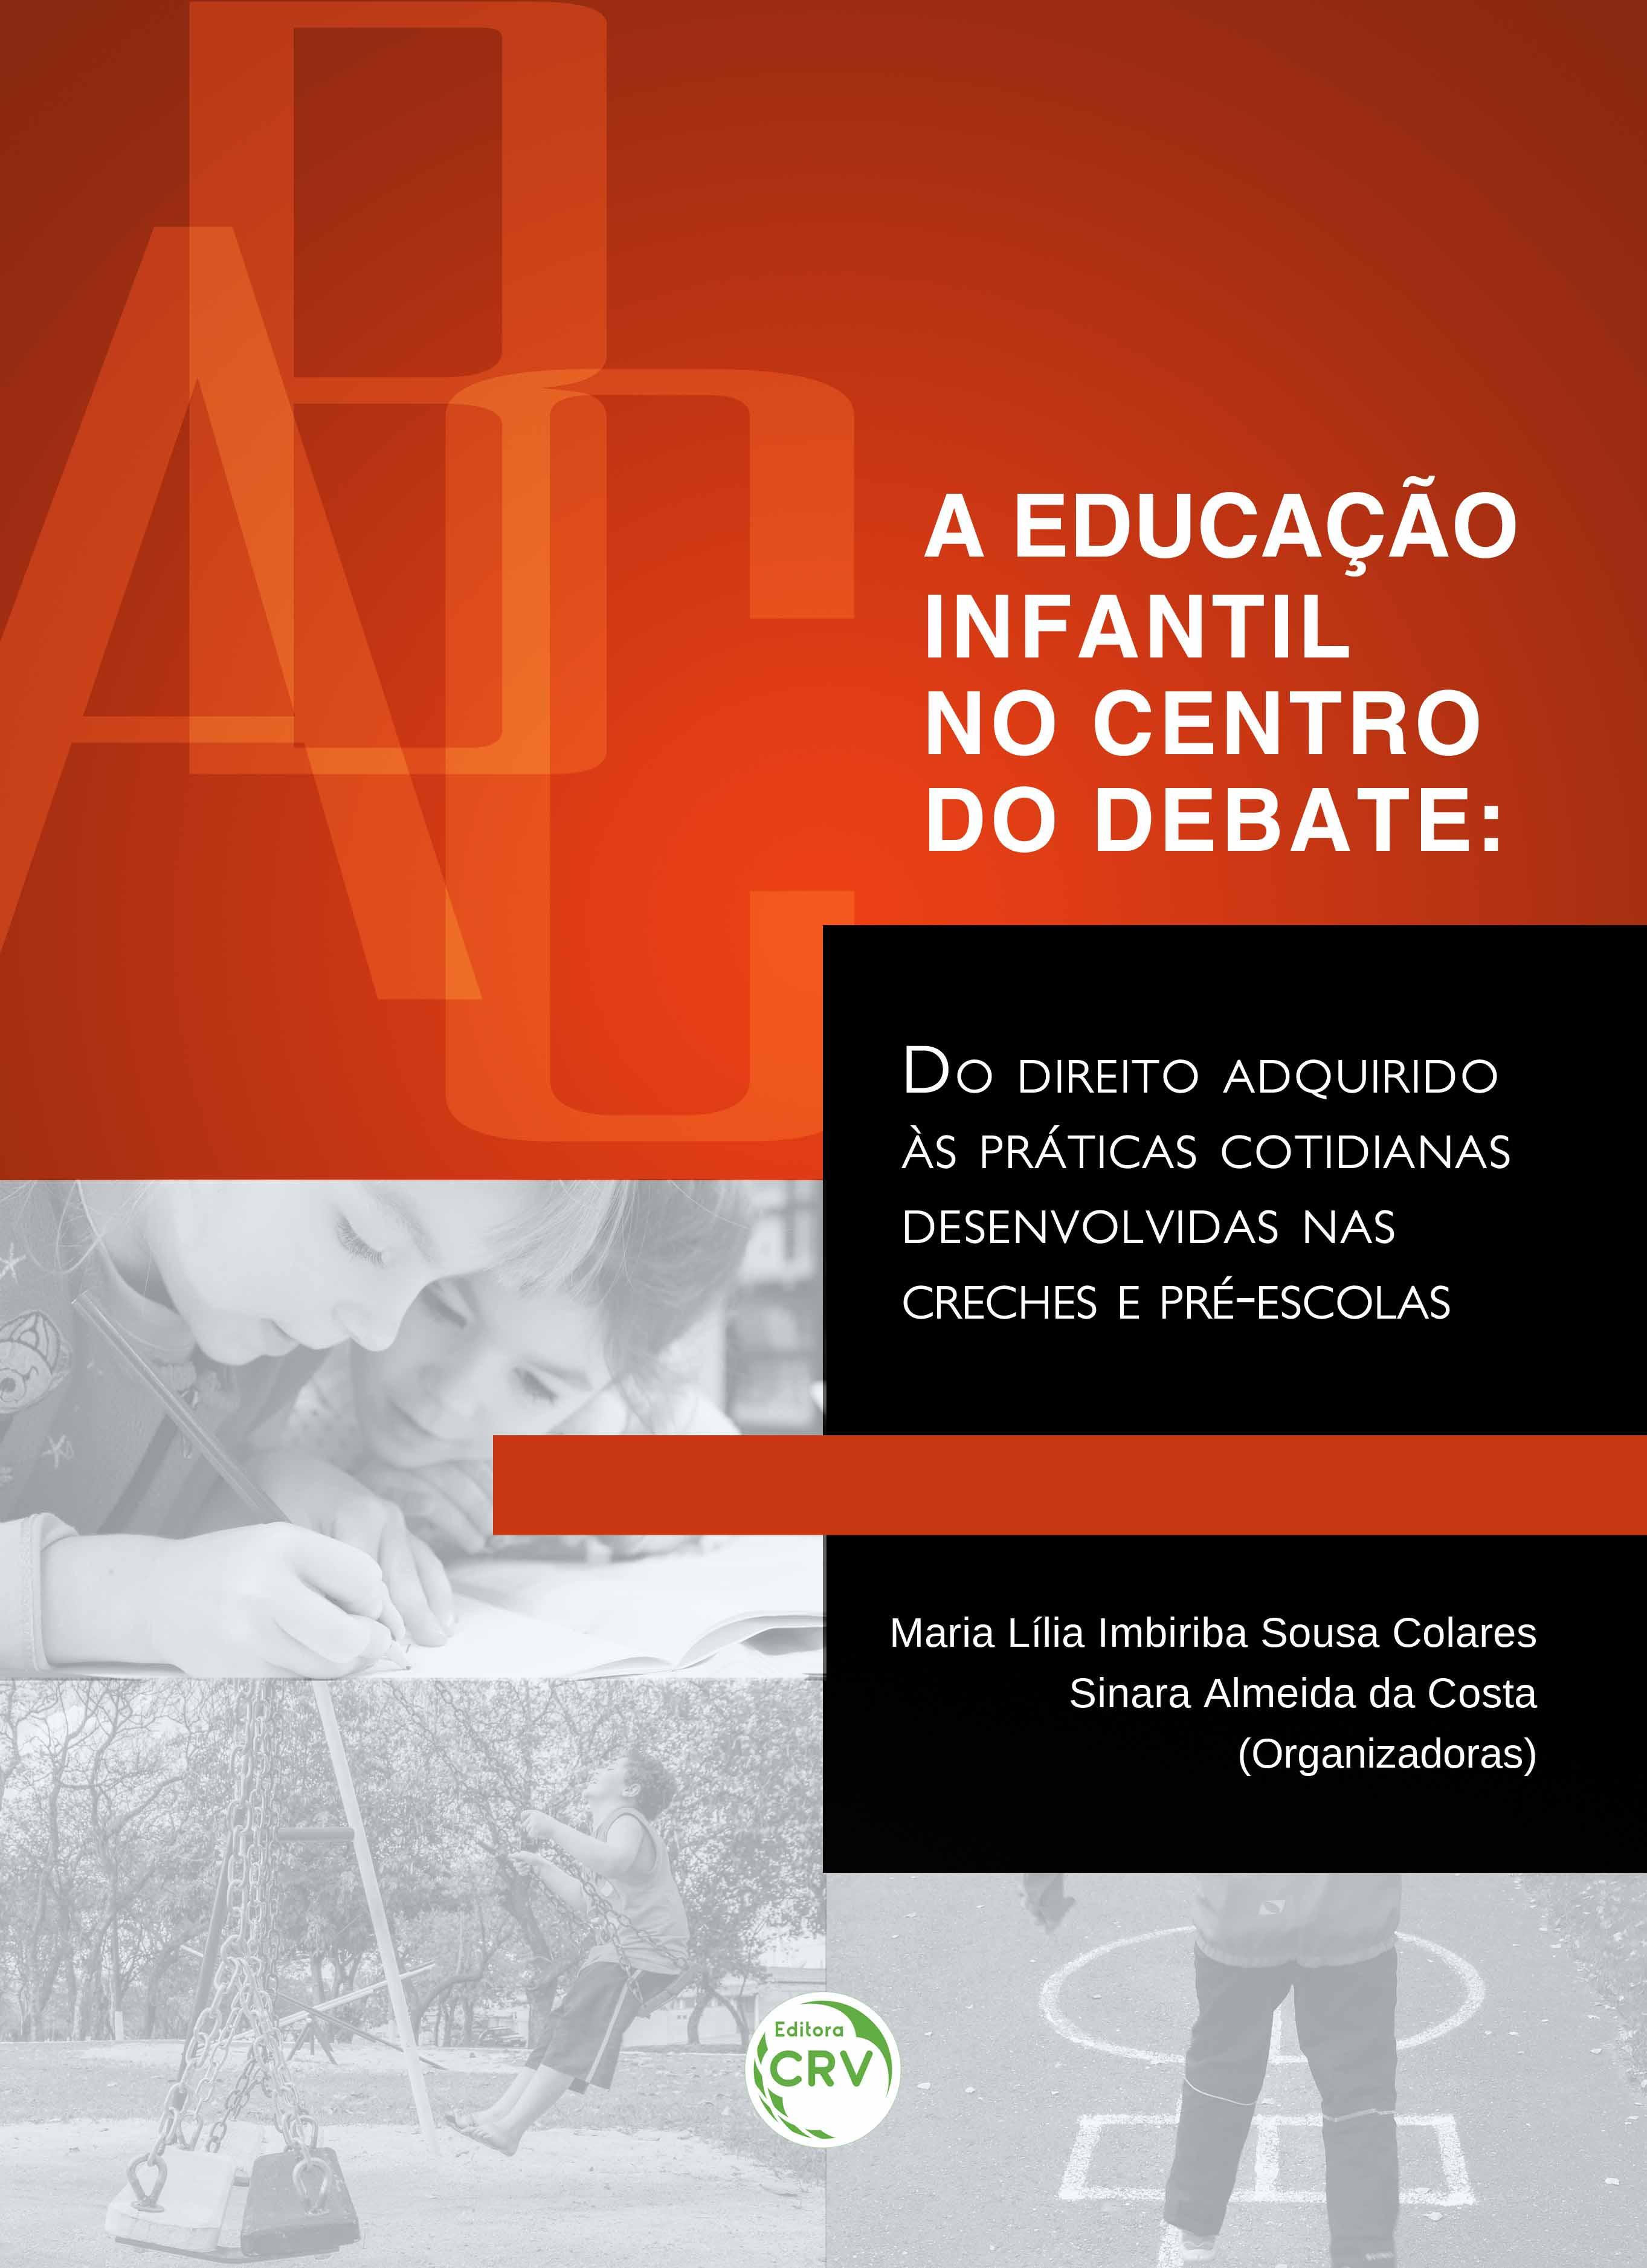 Capa do livro: A EDUCAÇÃO INFANTIL NO CENTRO DO DEBATE:<br> do direito adquirido às práticas cotidianas desenvolvidas nas creches e pré-escolas